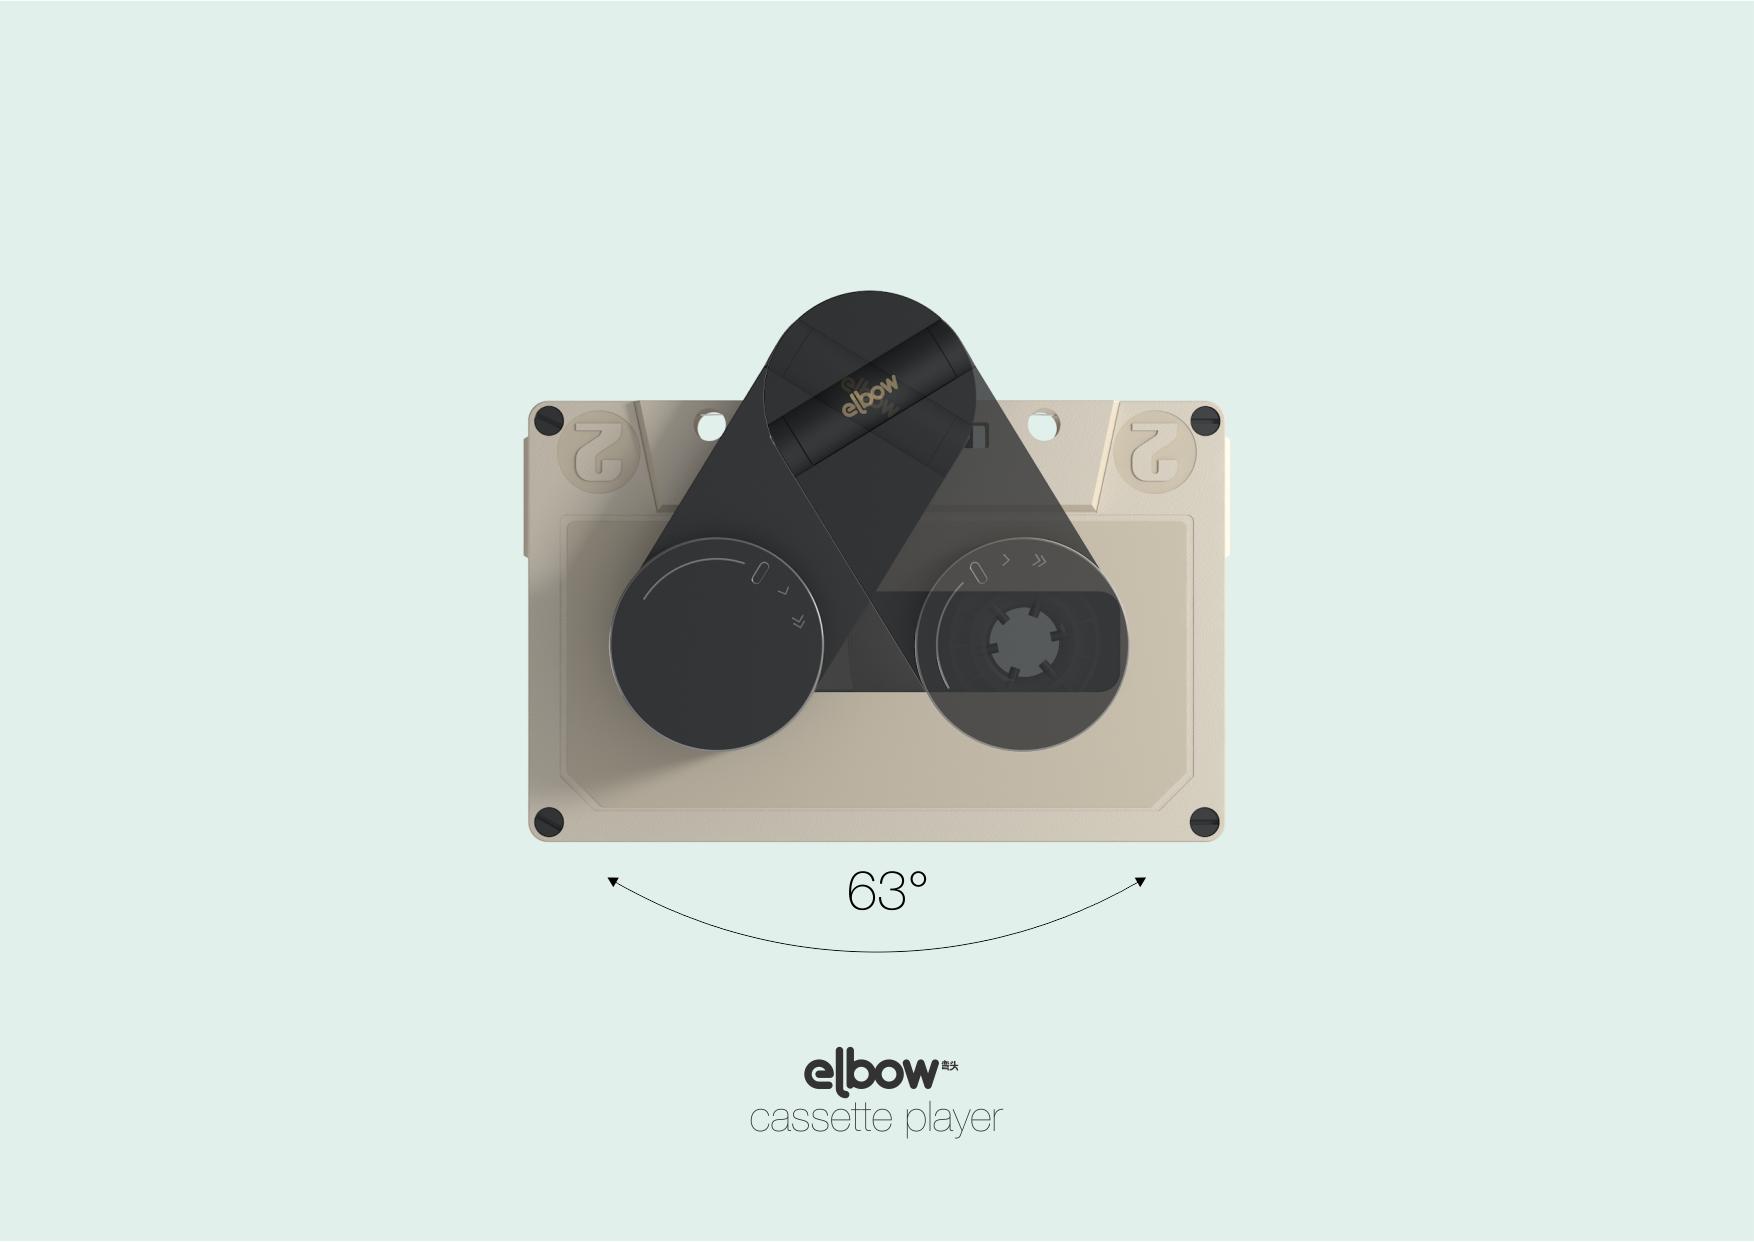 elbow-cassette-01